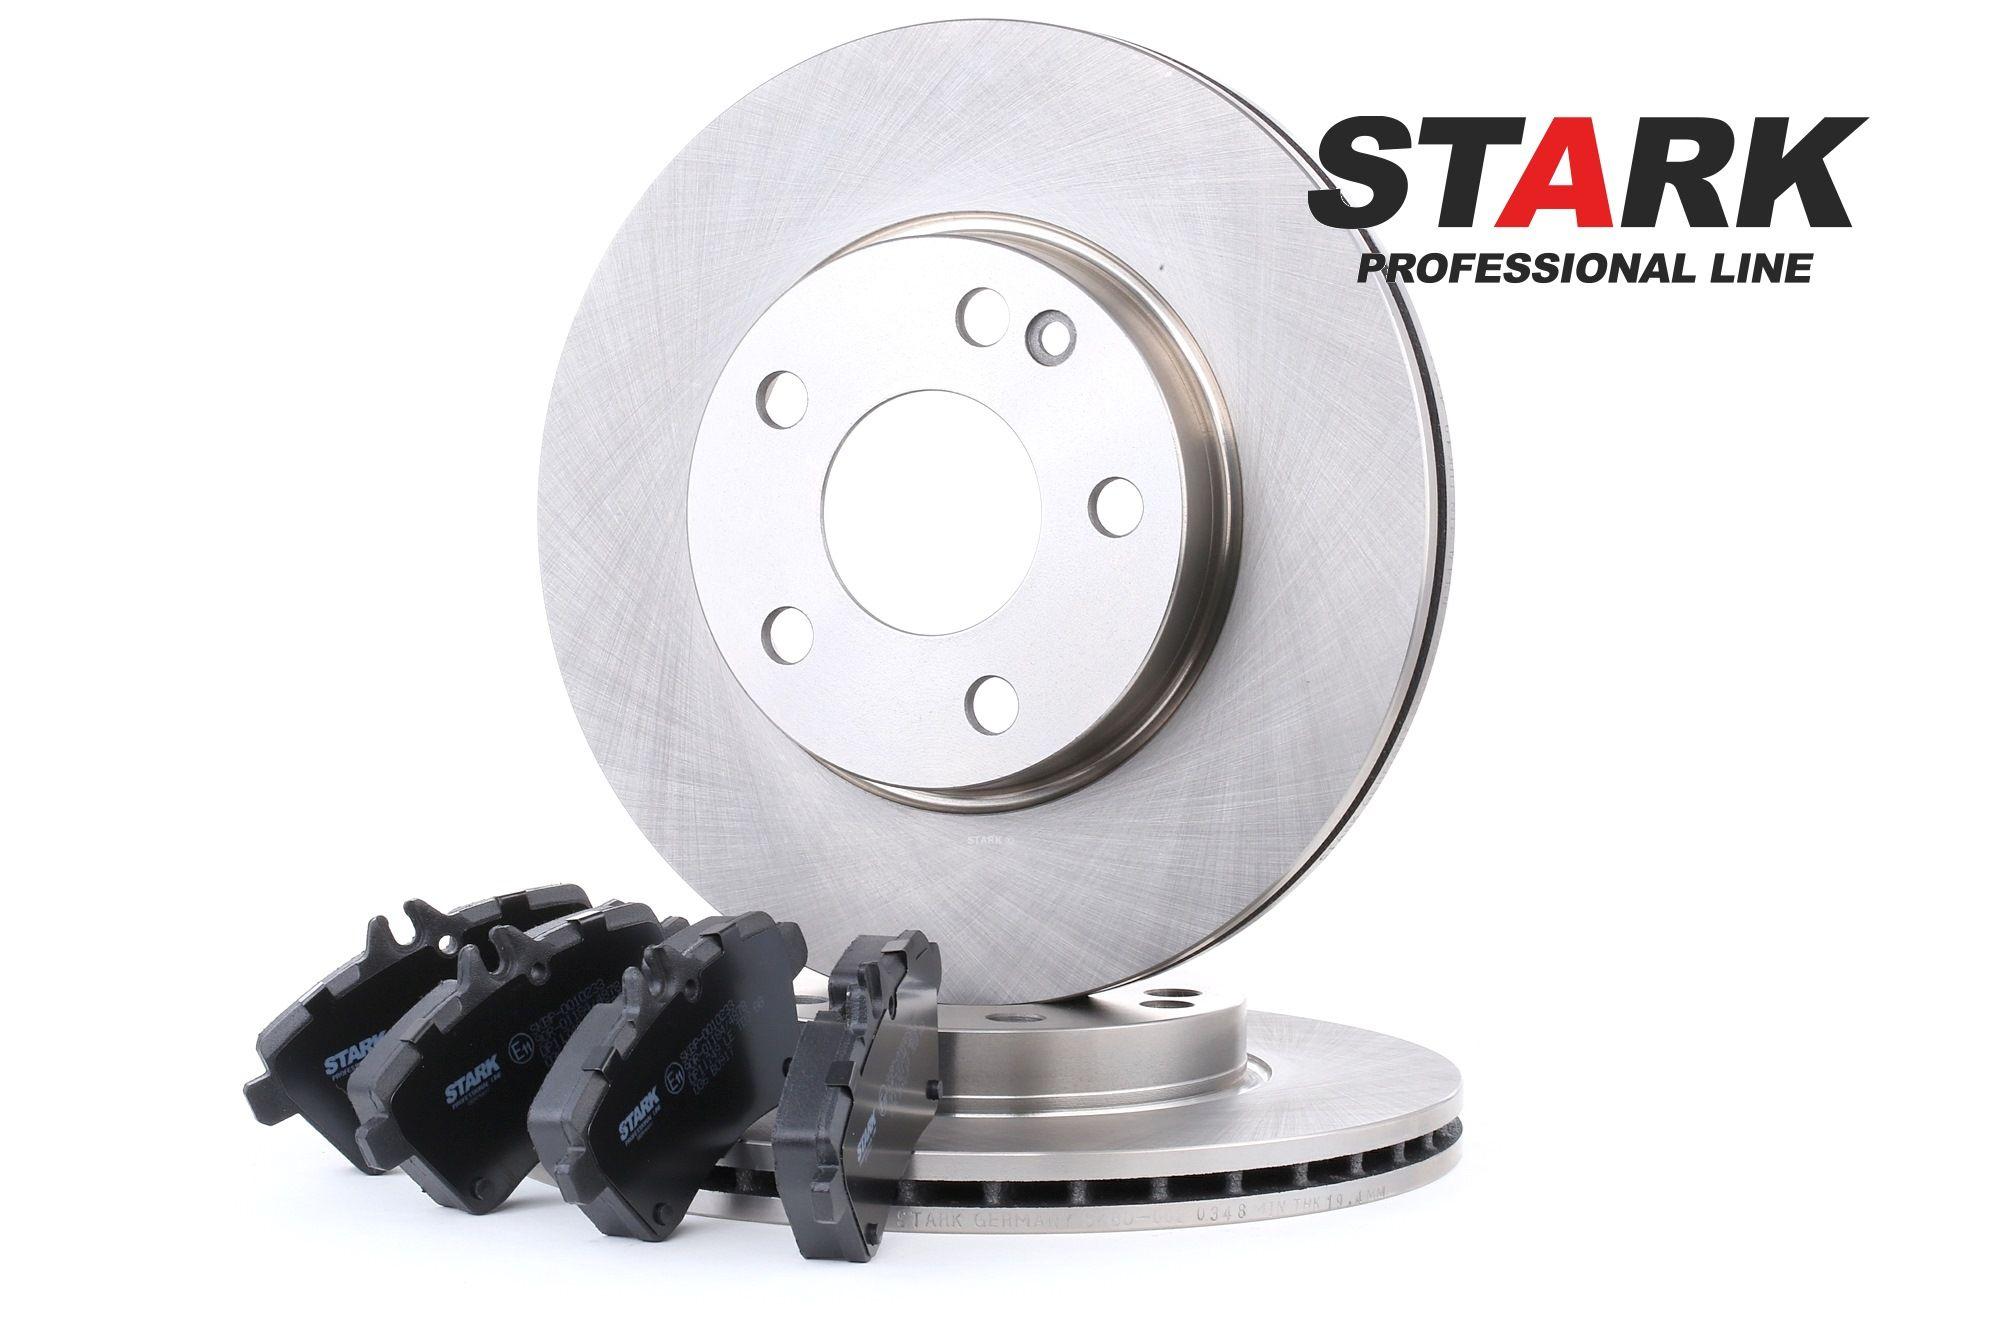 STARK: Original Bremsensatz SKBK-1090180 (Bremsscheibendicke: 22mm)